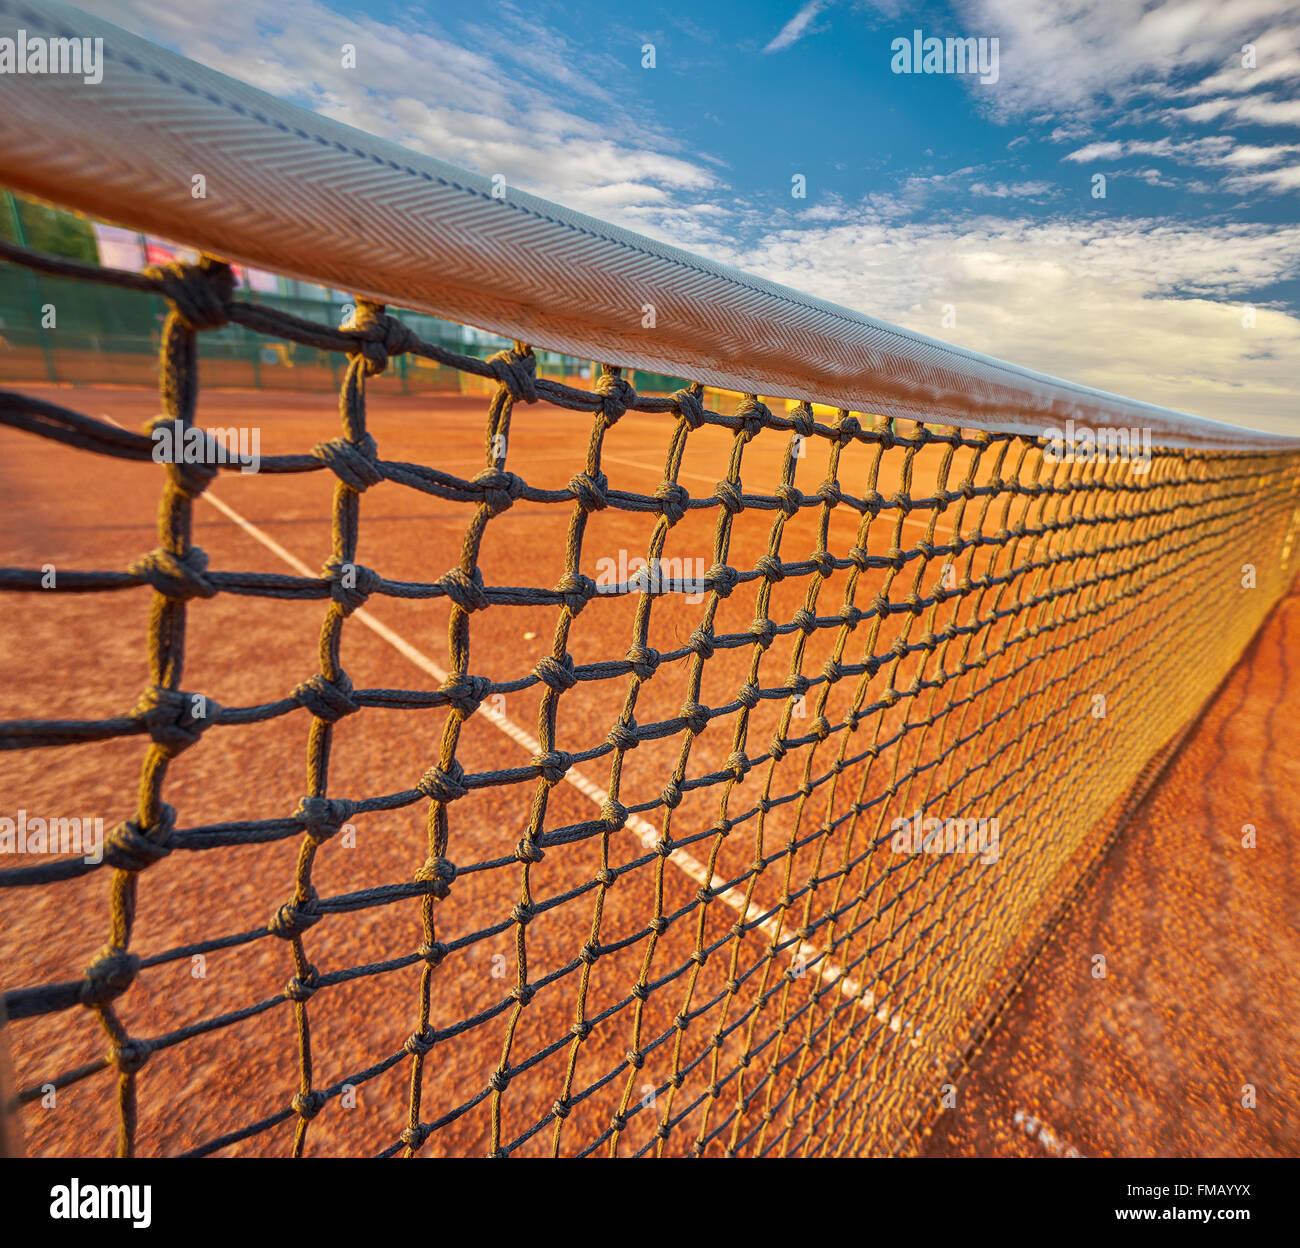 Griglia di tennis sul campo da Tennis sfondo Immagini Stock